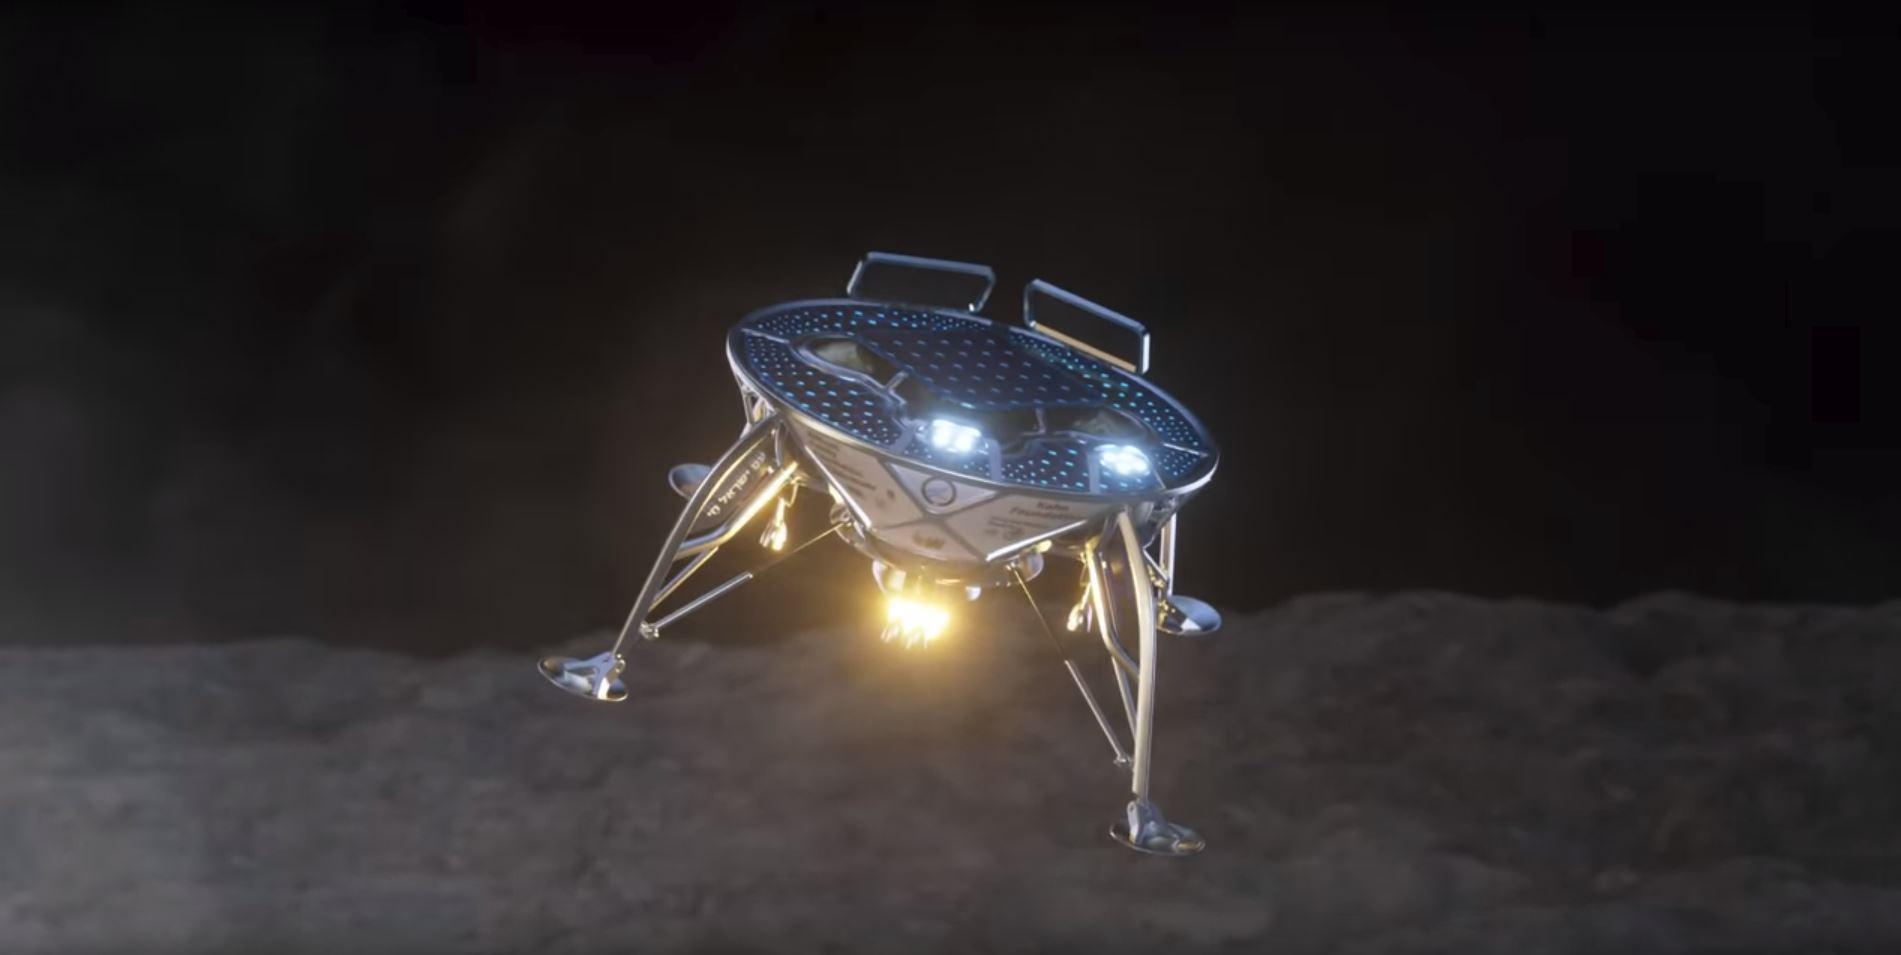 spacecraft beresheet - photo #20